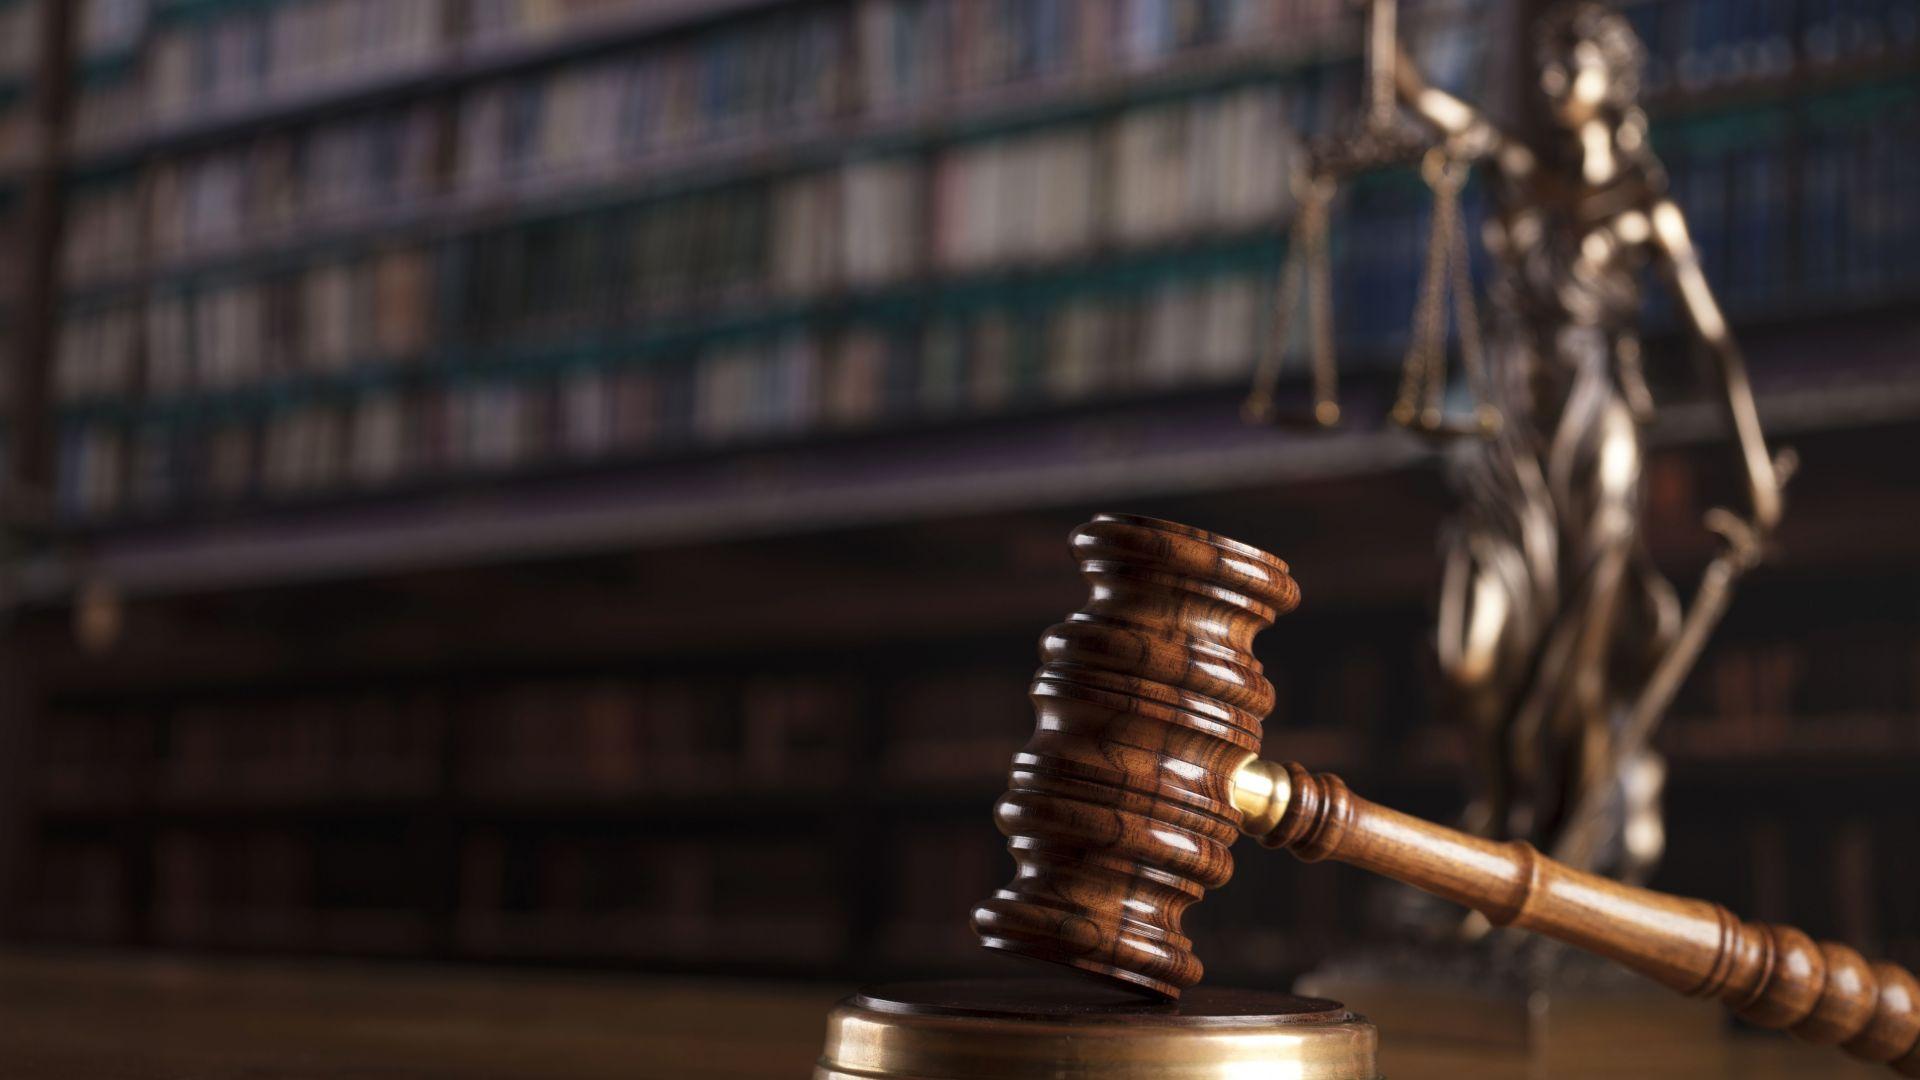 Състав на Апелативния специализиран наказателен съд е изменил мярката за